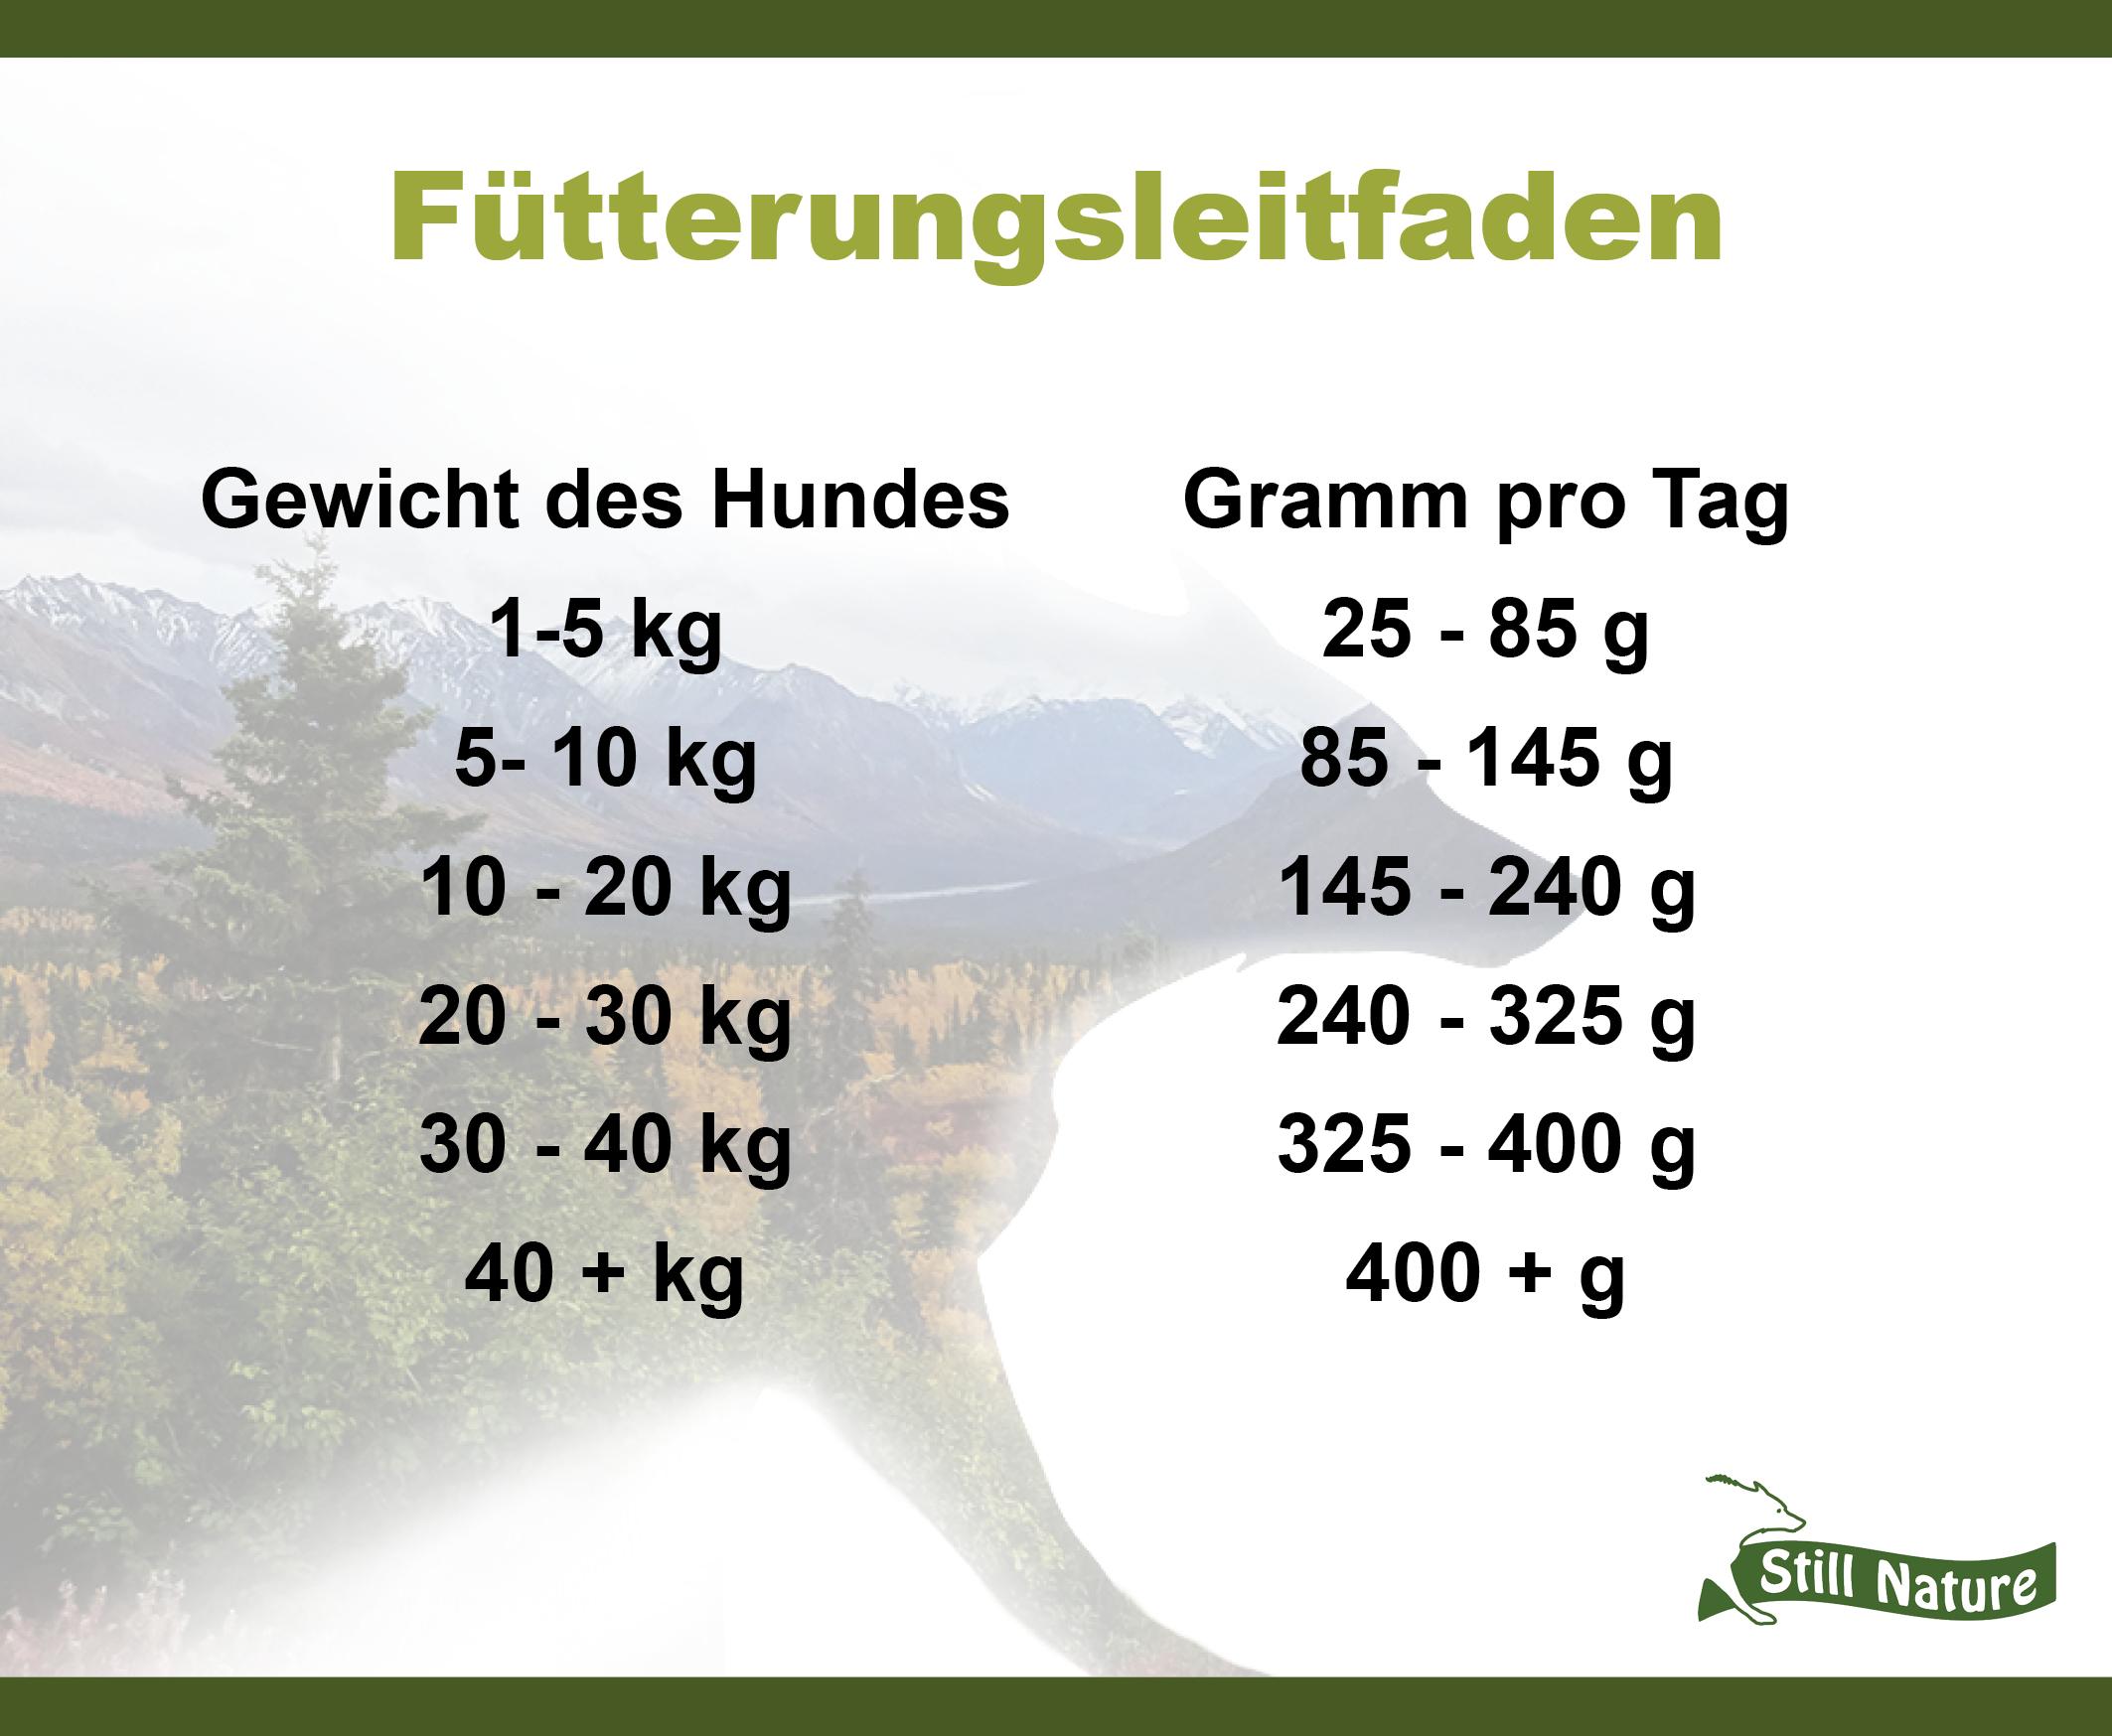 Hier findest du die Fütterungsempfehlung für die Still Nature Sorte Angus Rind